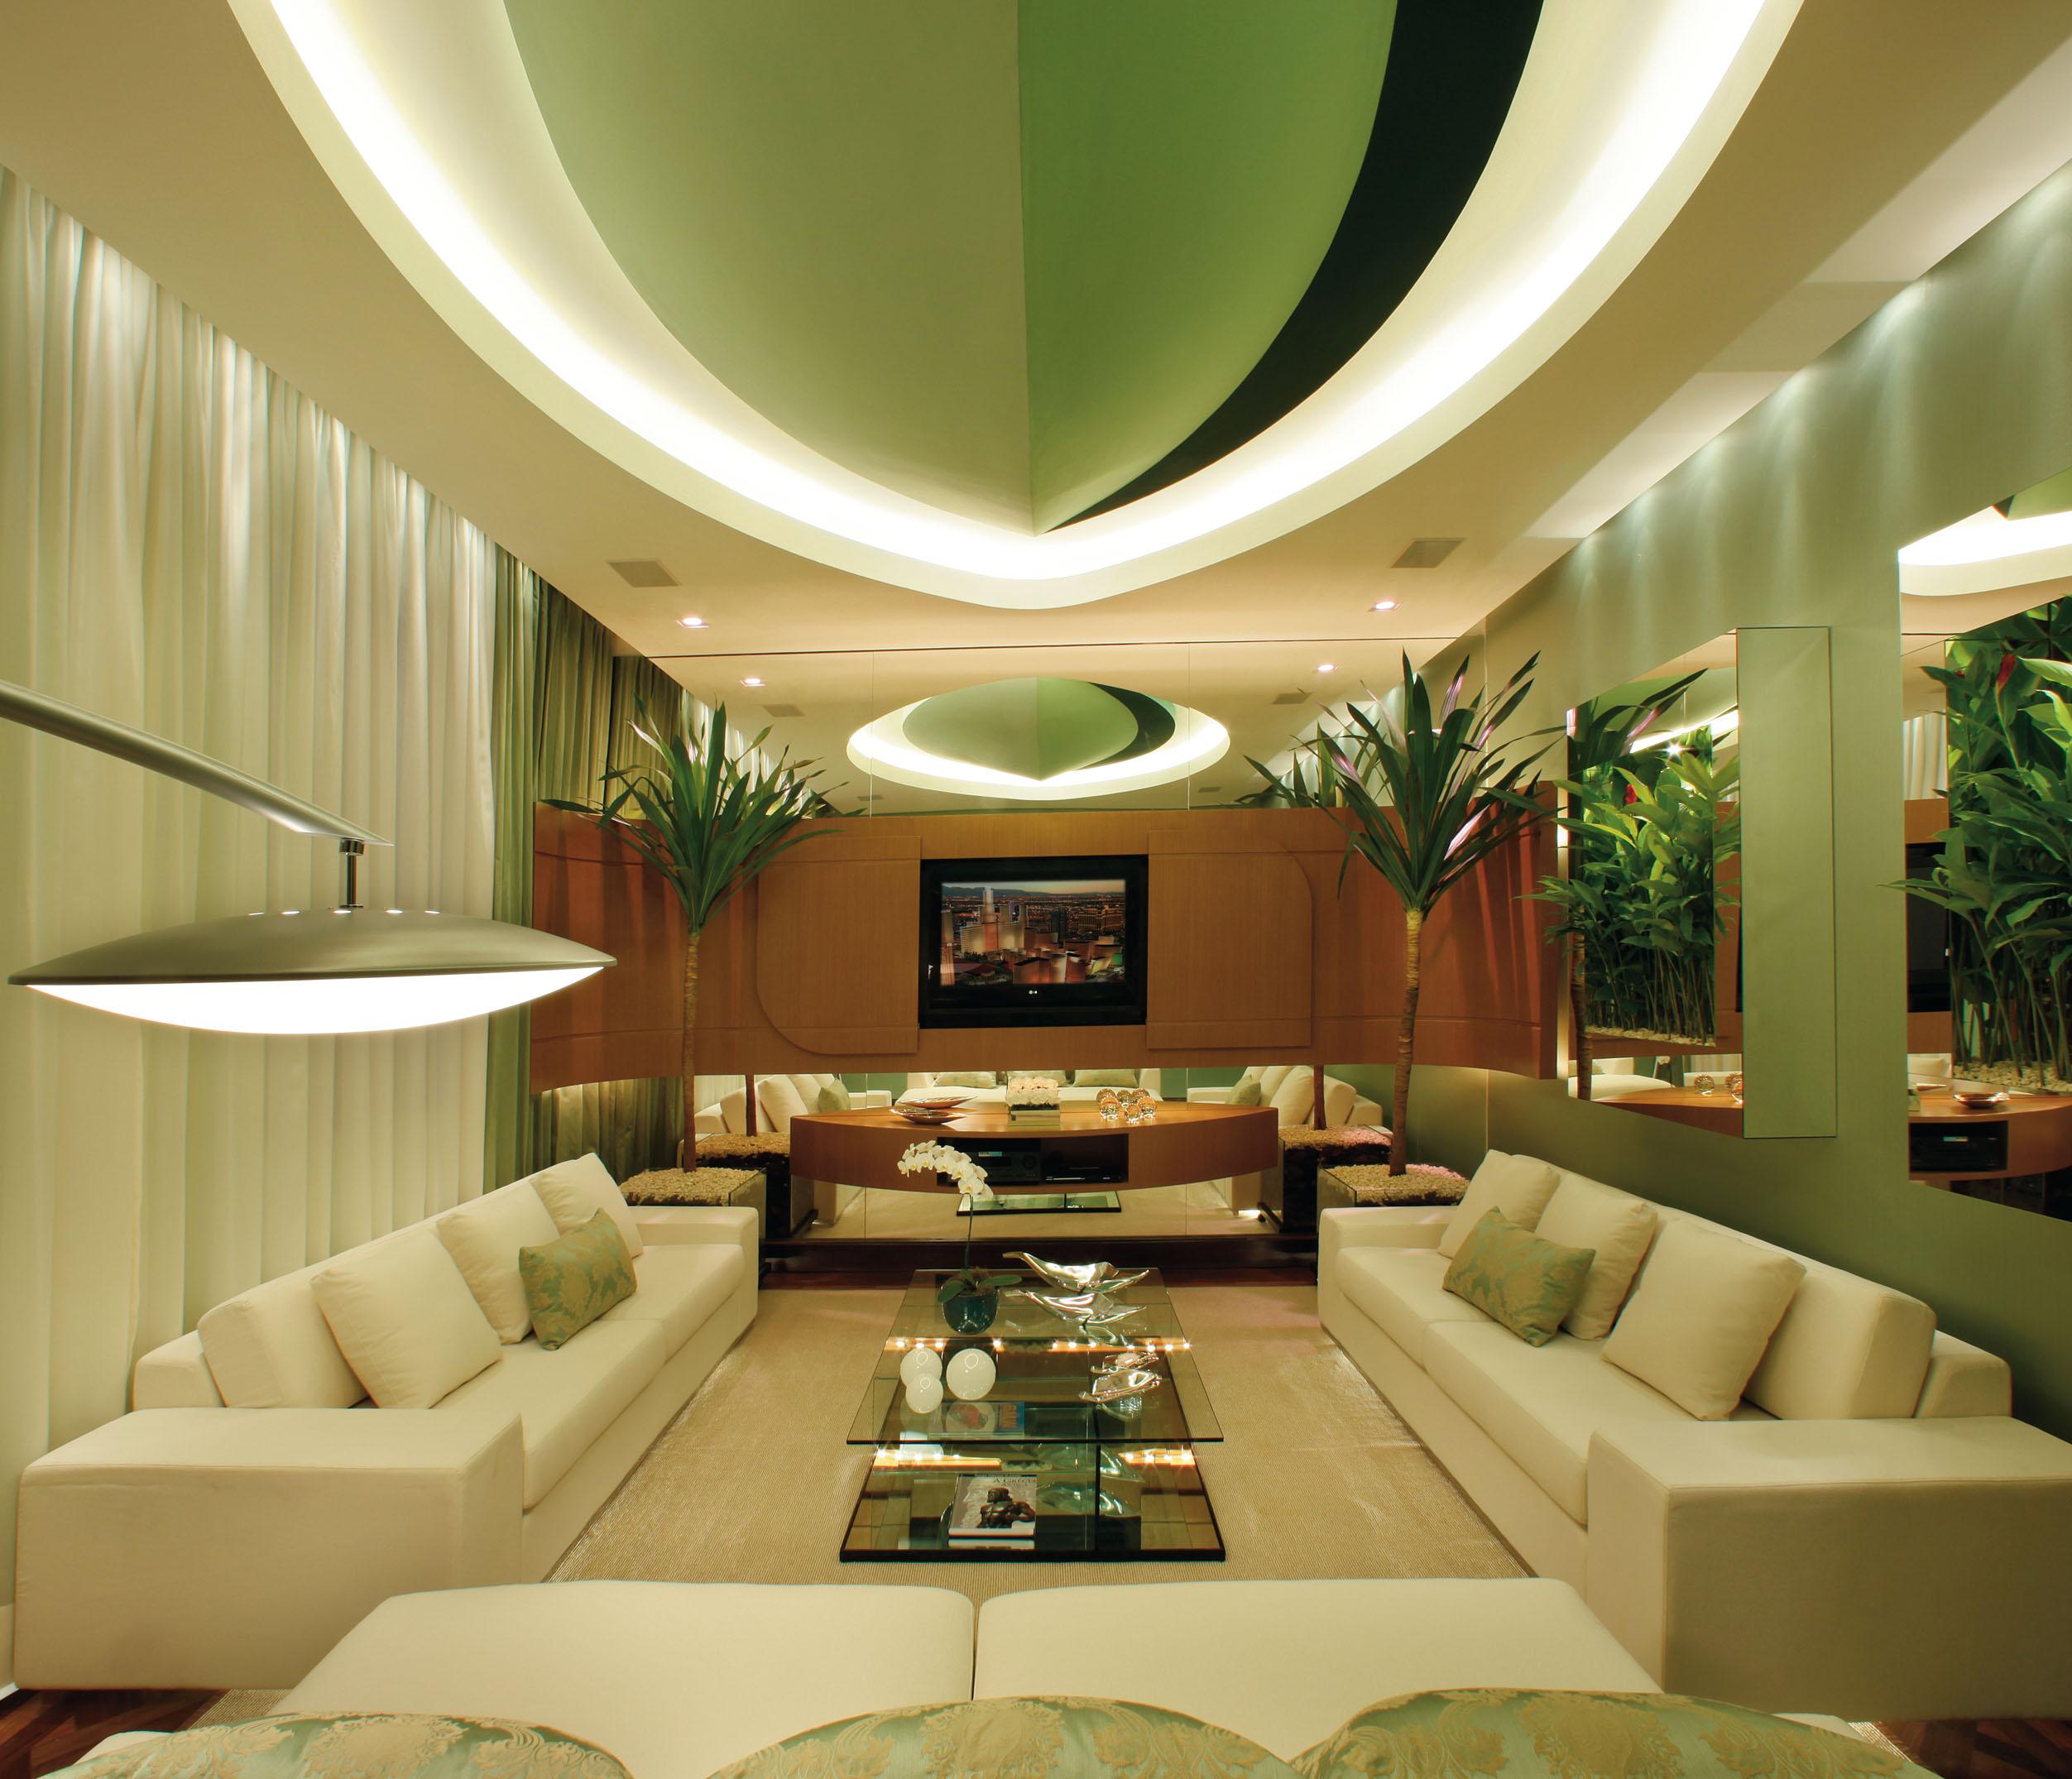 decoracao interiores casas modernas:Decoração – Como decorar sua sala